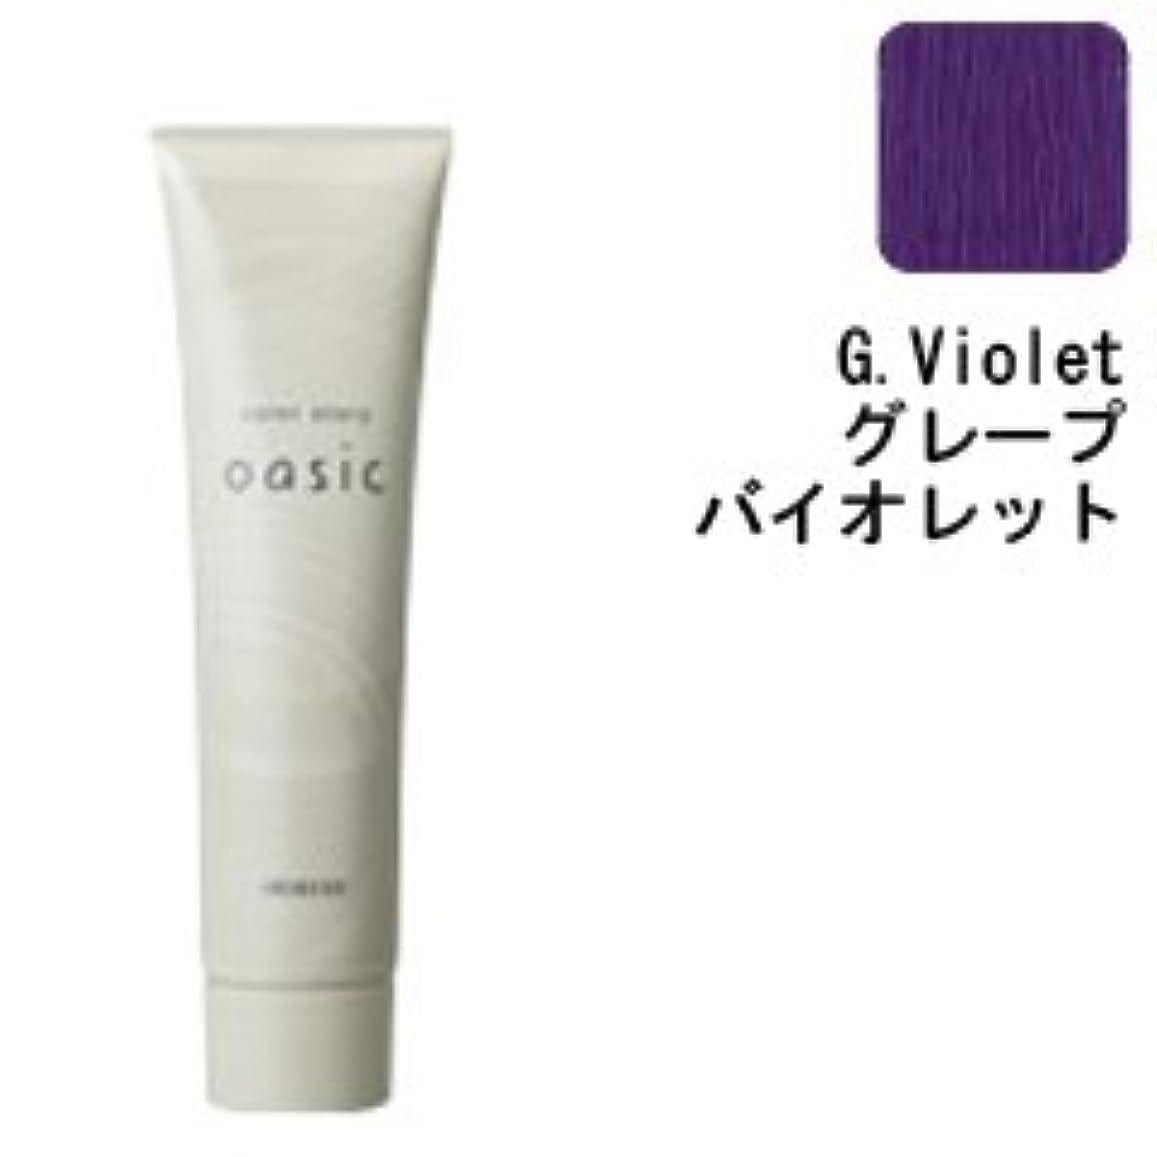 懲らしめ絶縁するレンズ【アリミノ】カラーストーリー オアシック G.Violet (グレープバイオレット) 150g